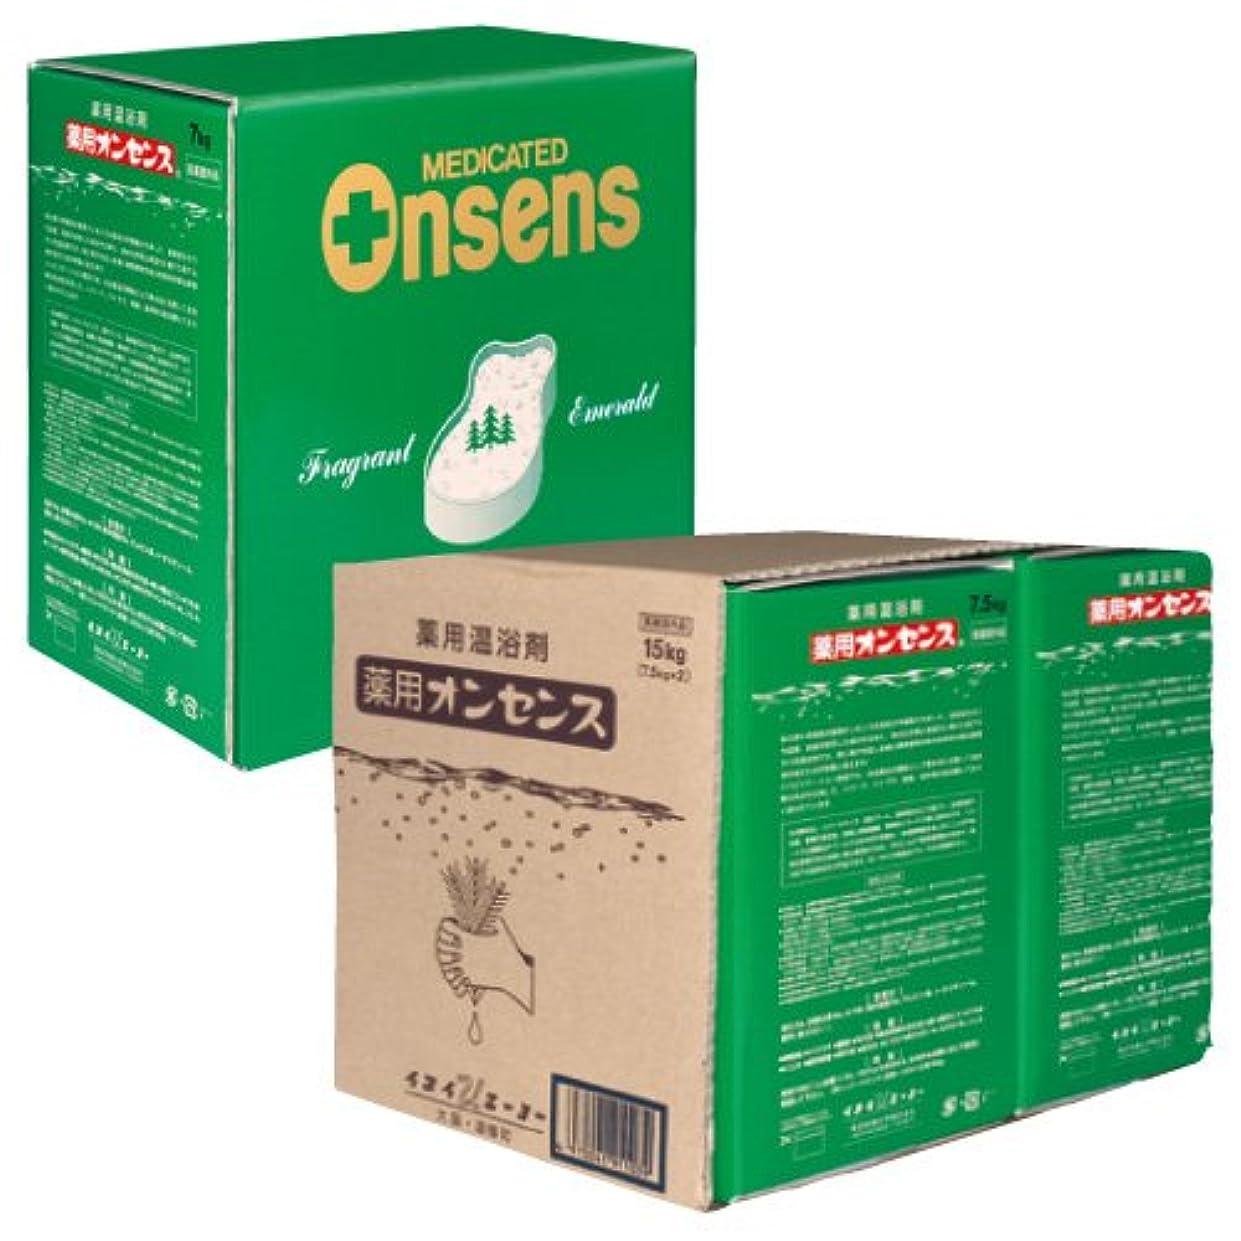 蒸留やりすぎクーポン入浴剤 (薬用オンセンス) 7kg /7-2536-02